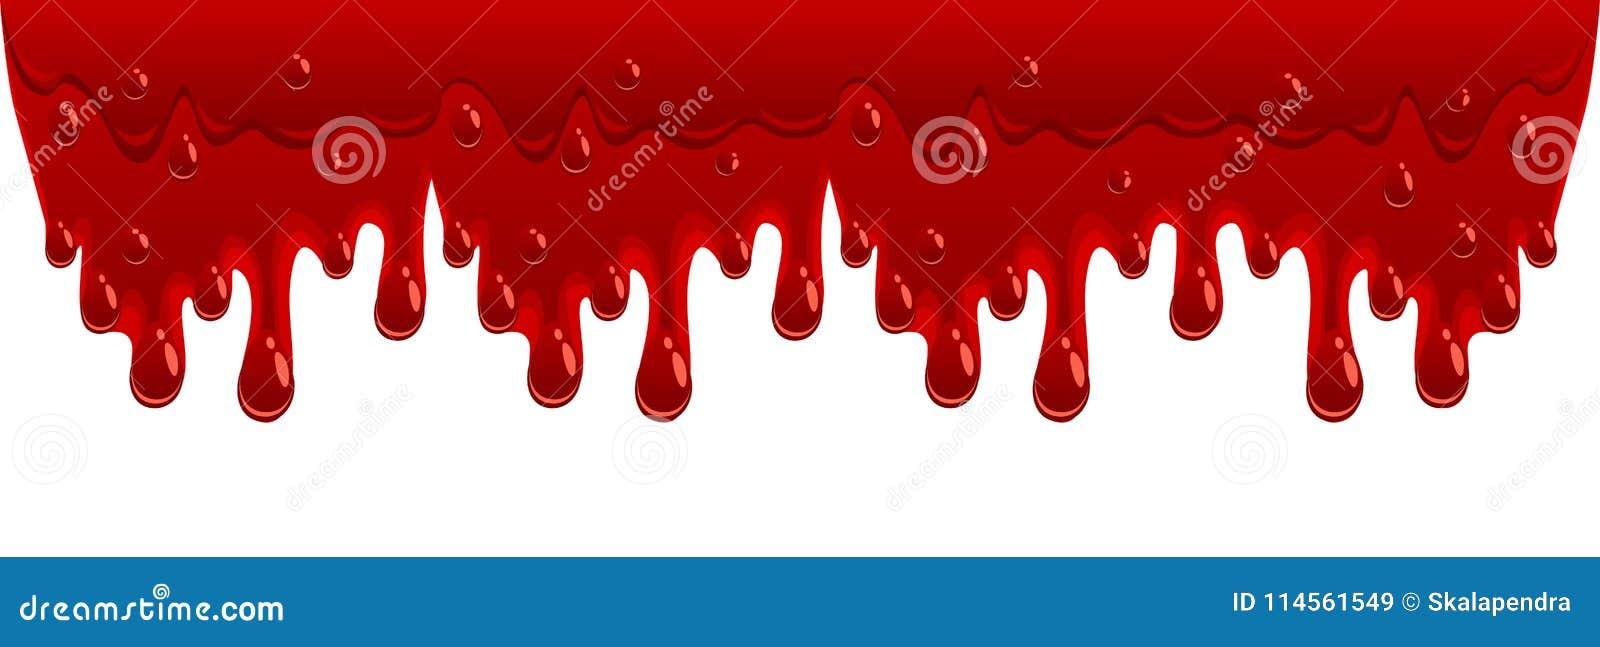 Flujo de sangre